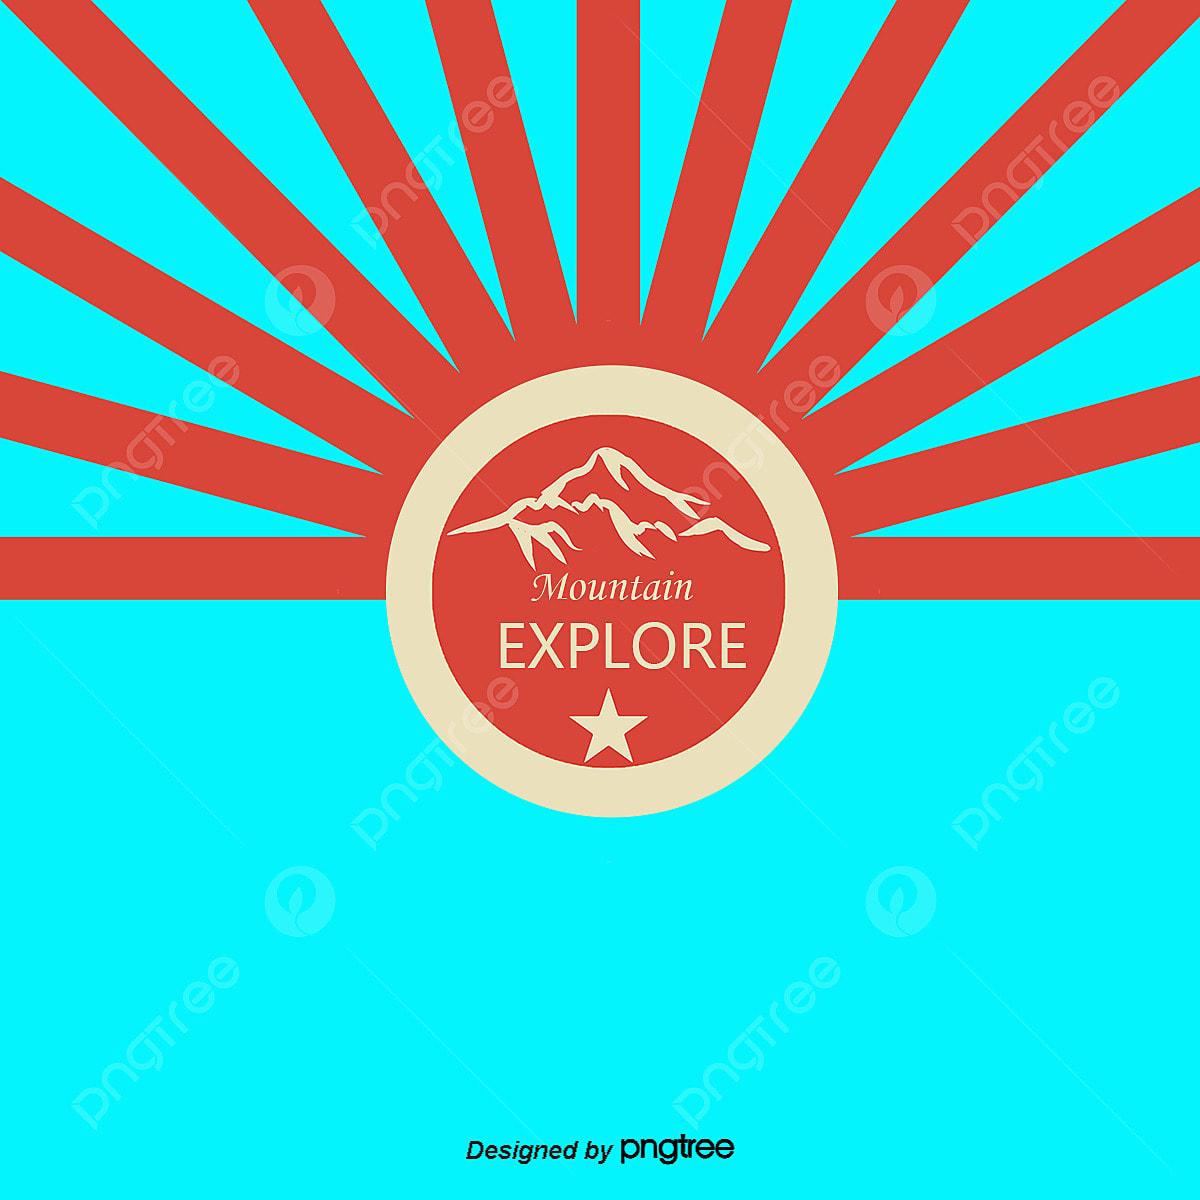 ベクトル山地探検クラブイラスト 山地探検クラブイラスト 山地探検